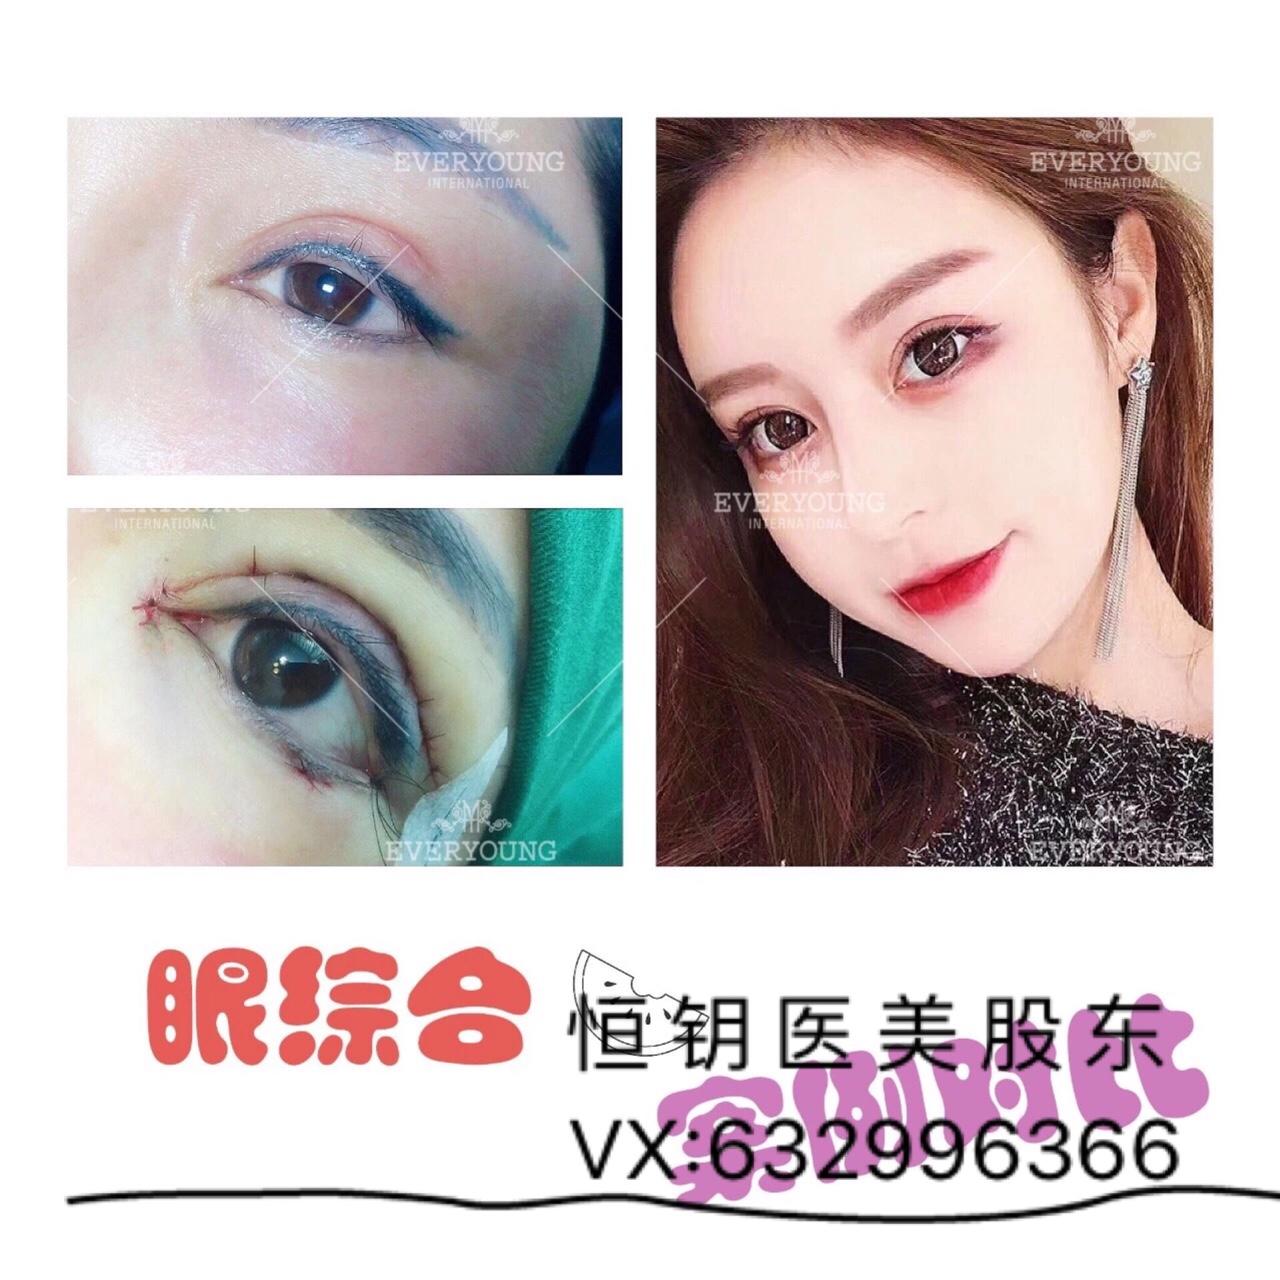 杭州哪里做双眼皮手术好